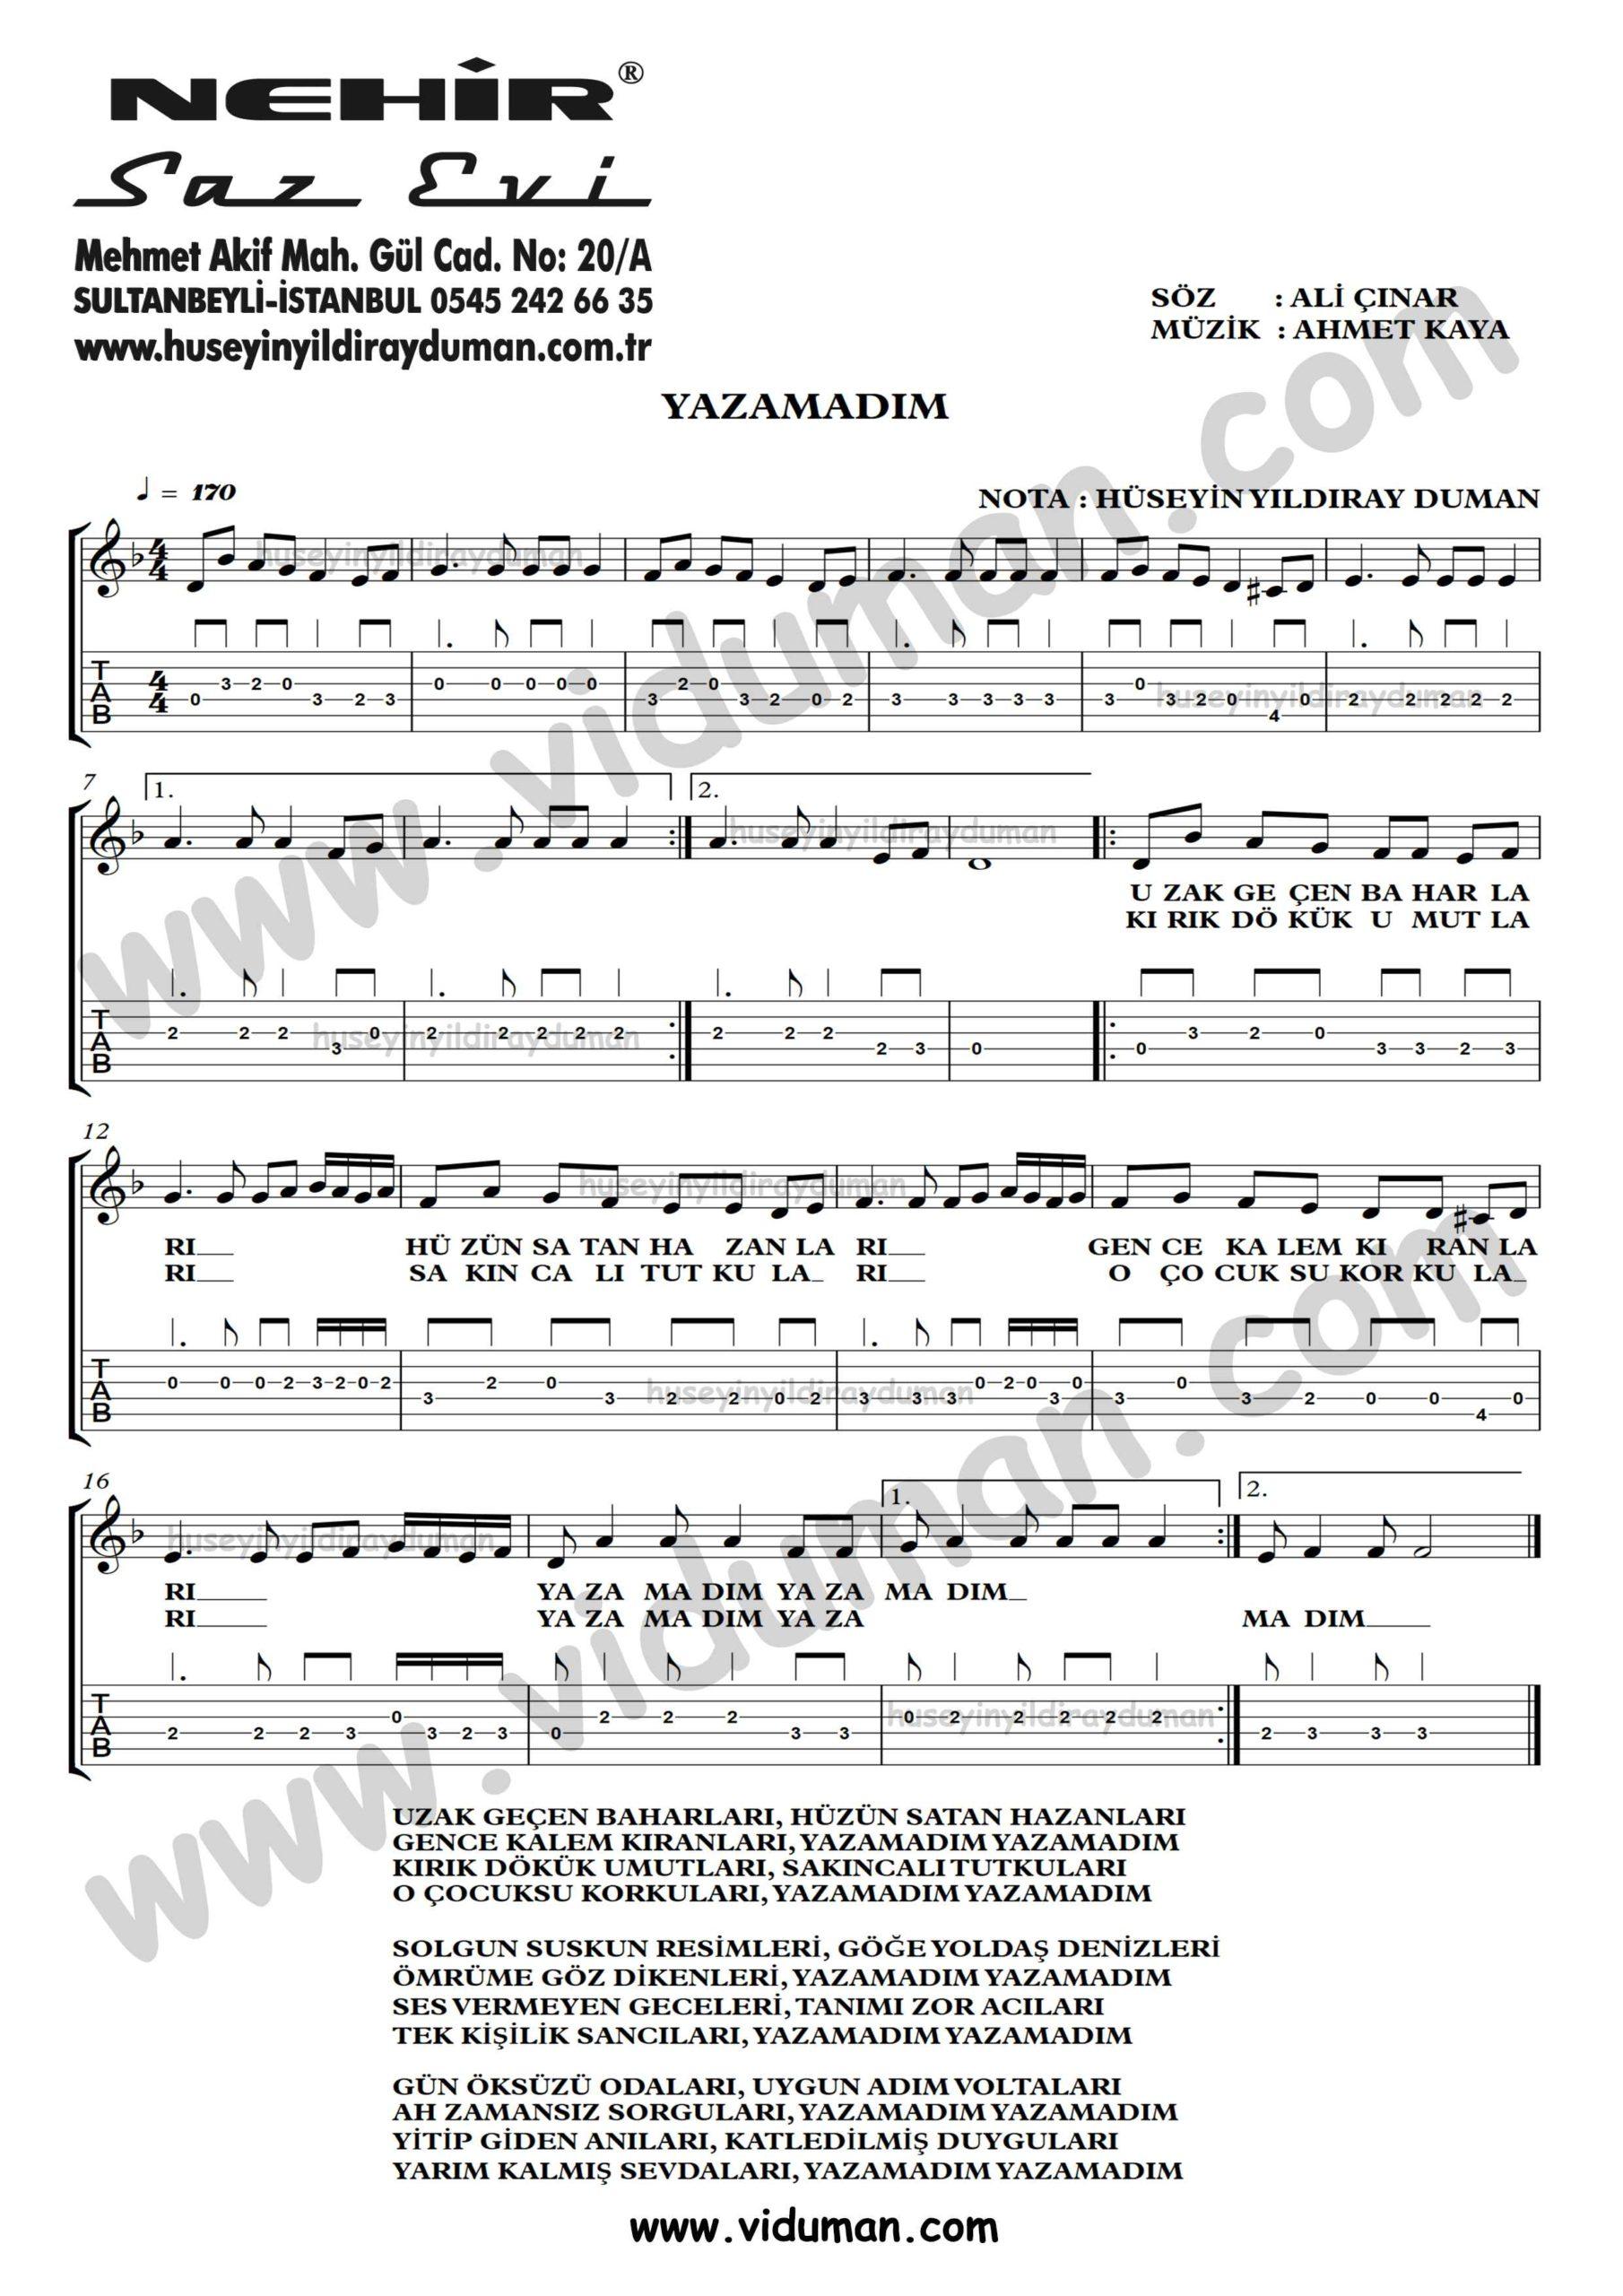 Yazamadim-Ahmet Kaya-Gitar Tab-Solo Notalari